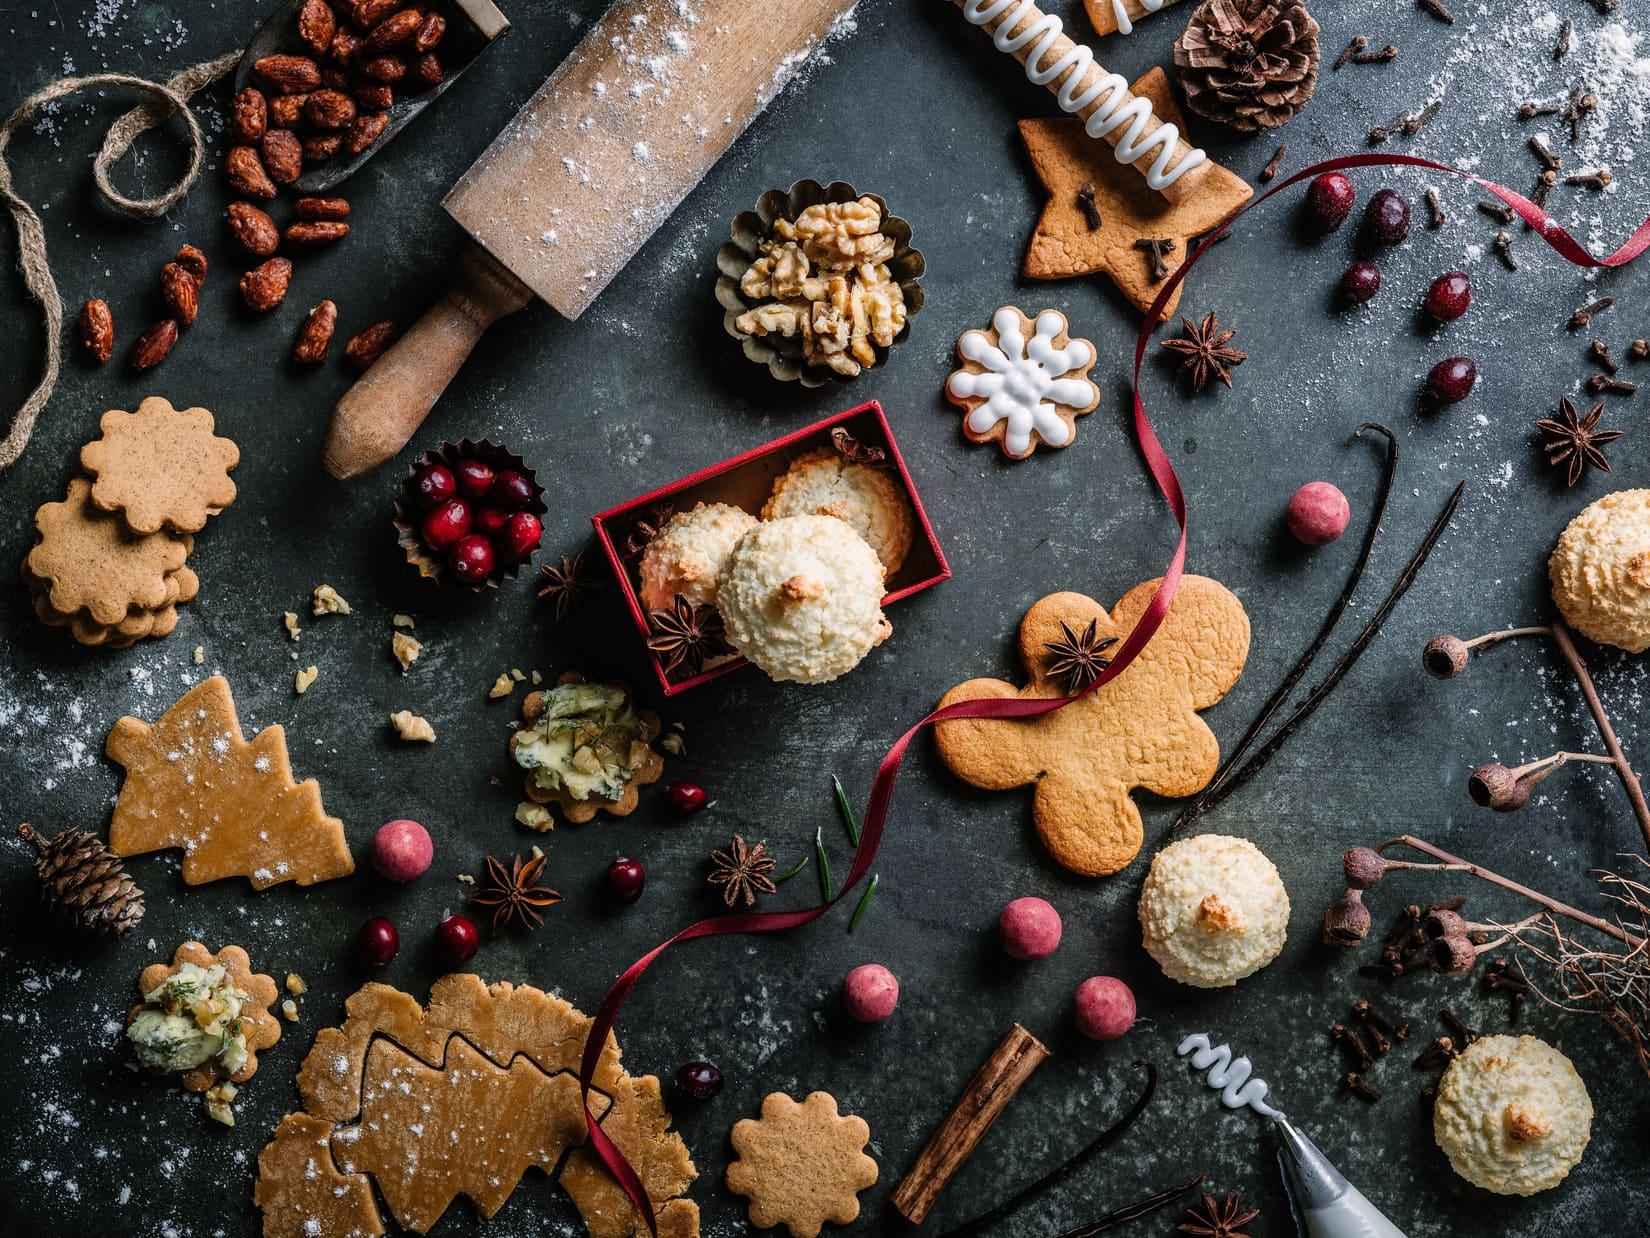 Tid for julekaker og julebakst